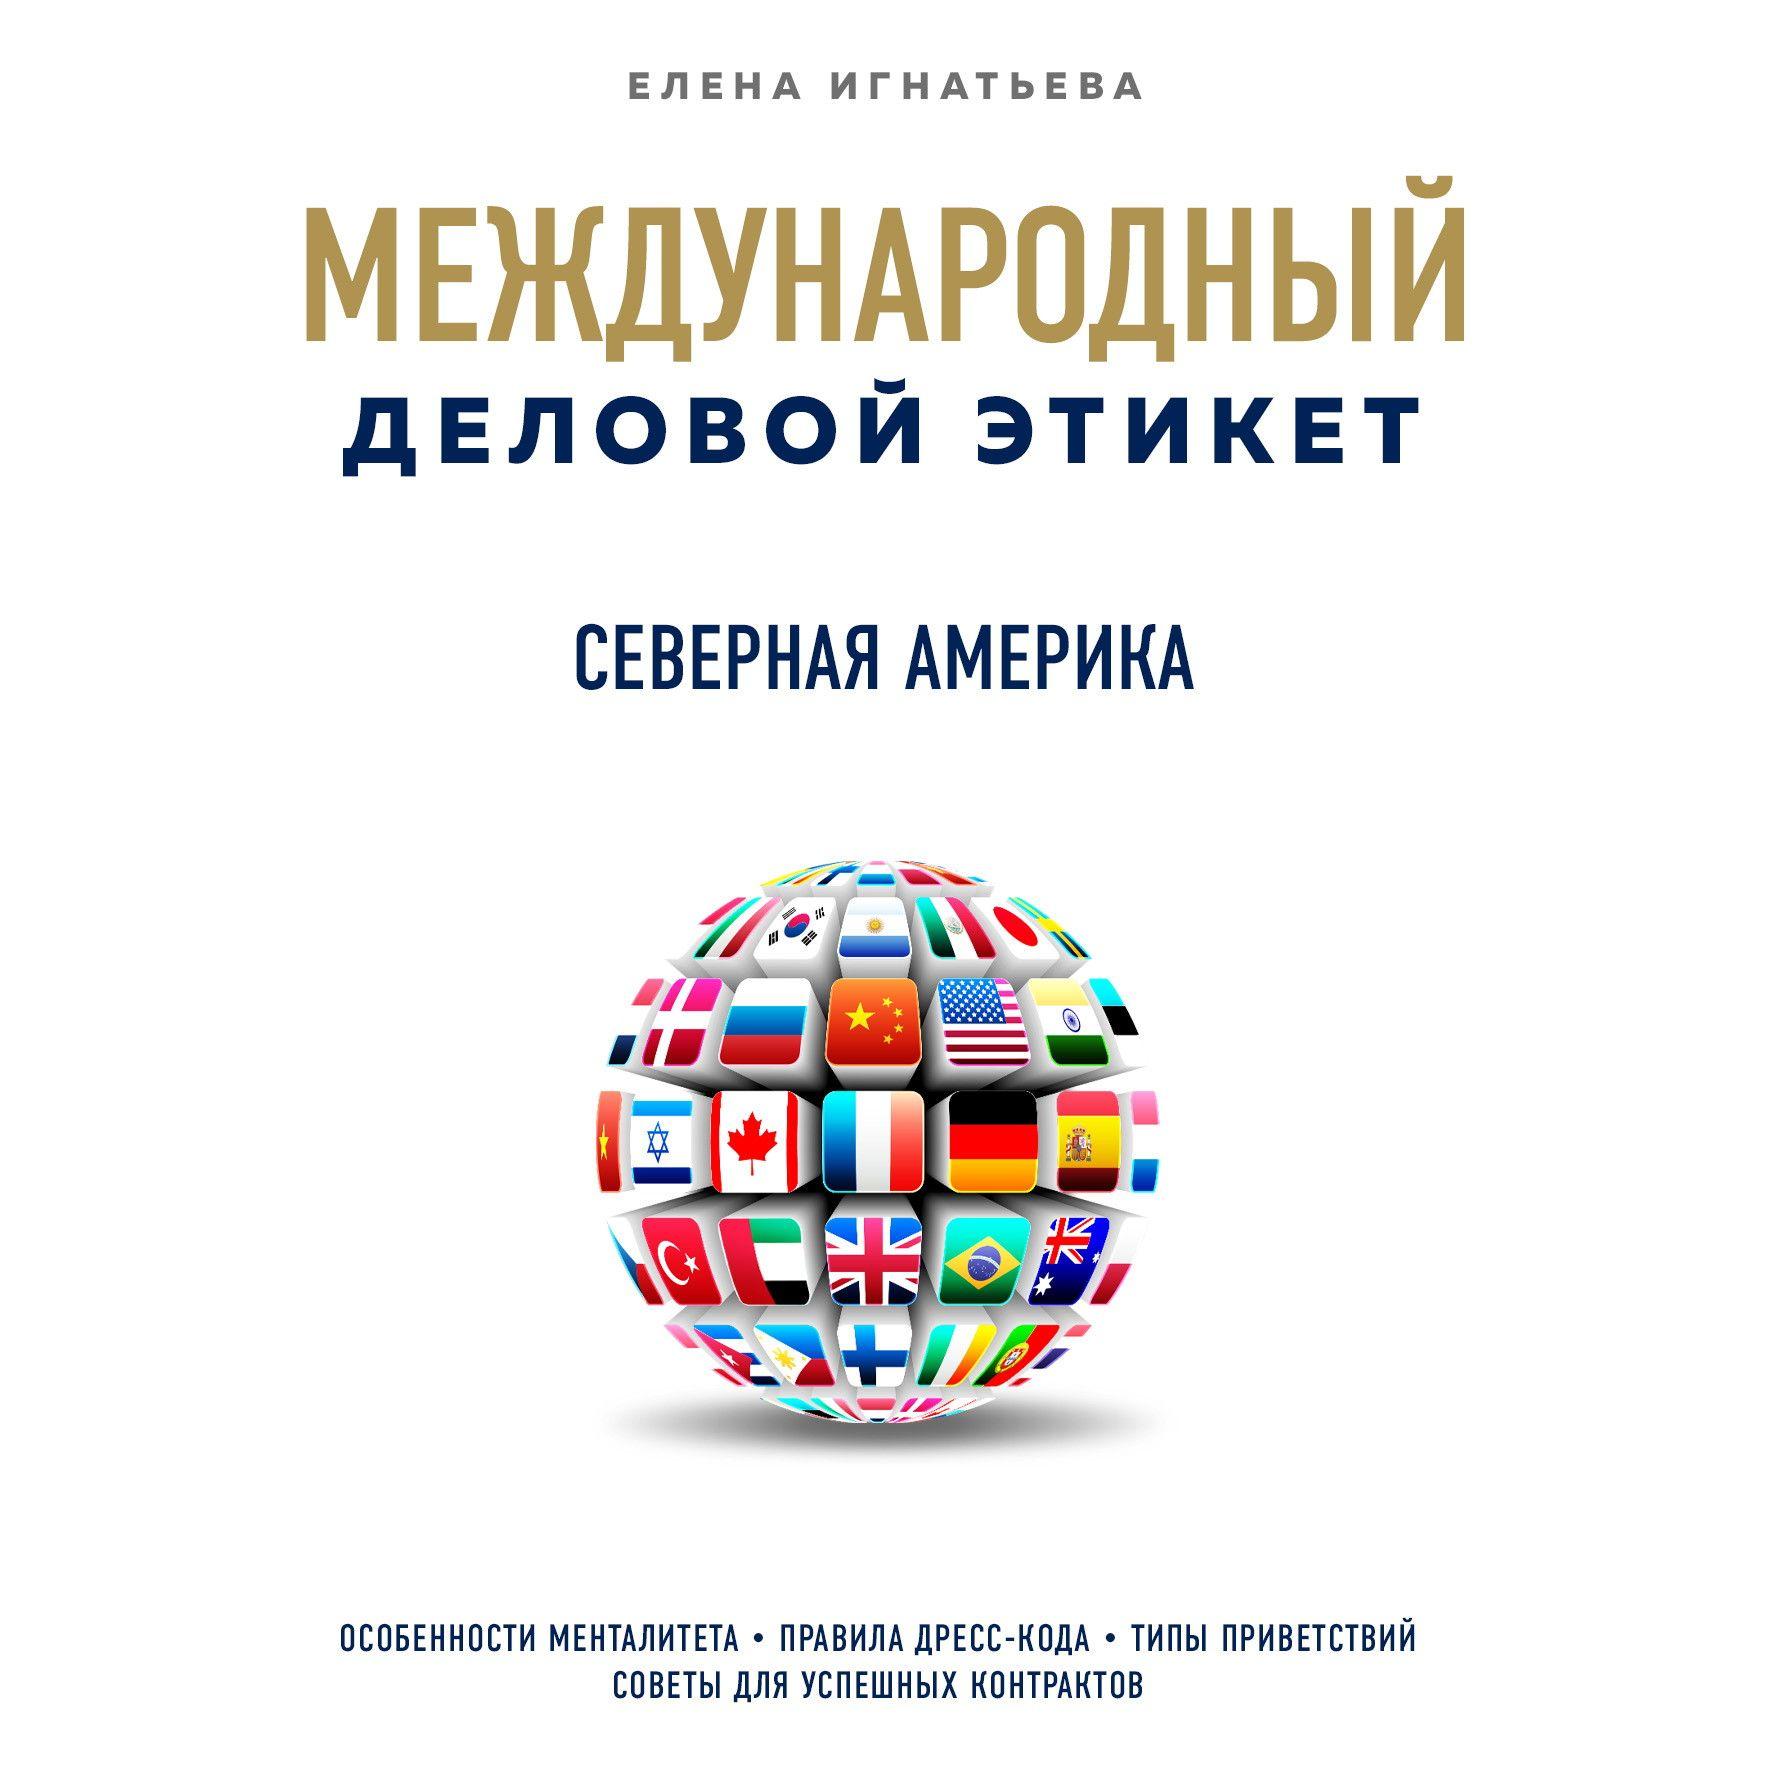 Бизнес-этикет разных стран: Северная Америка